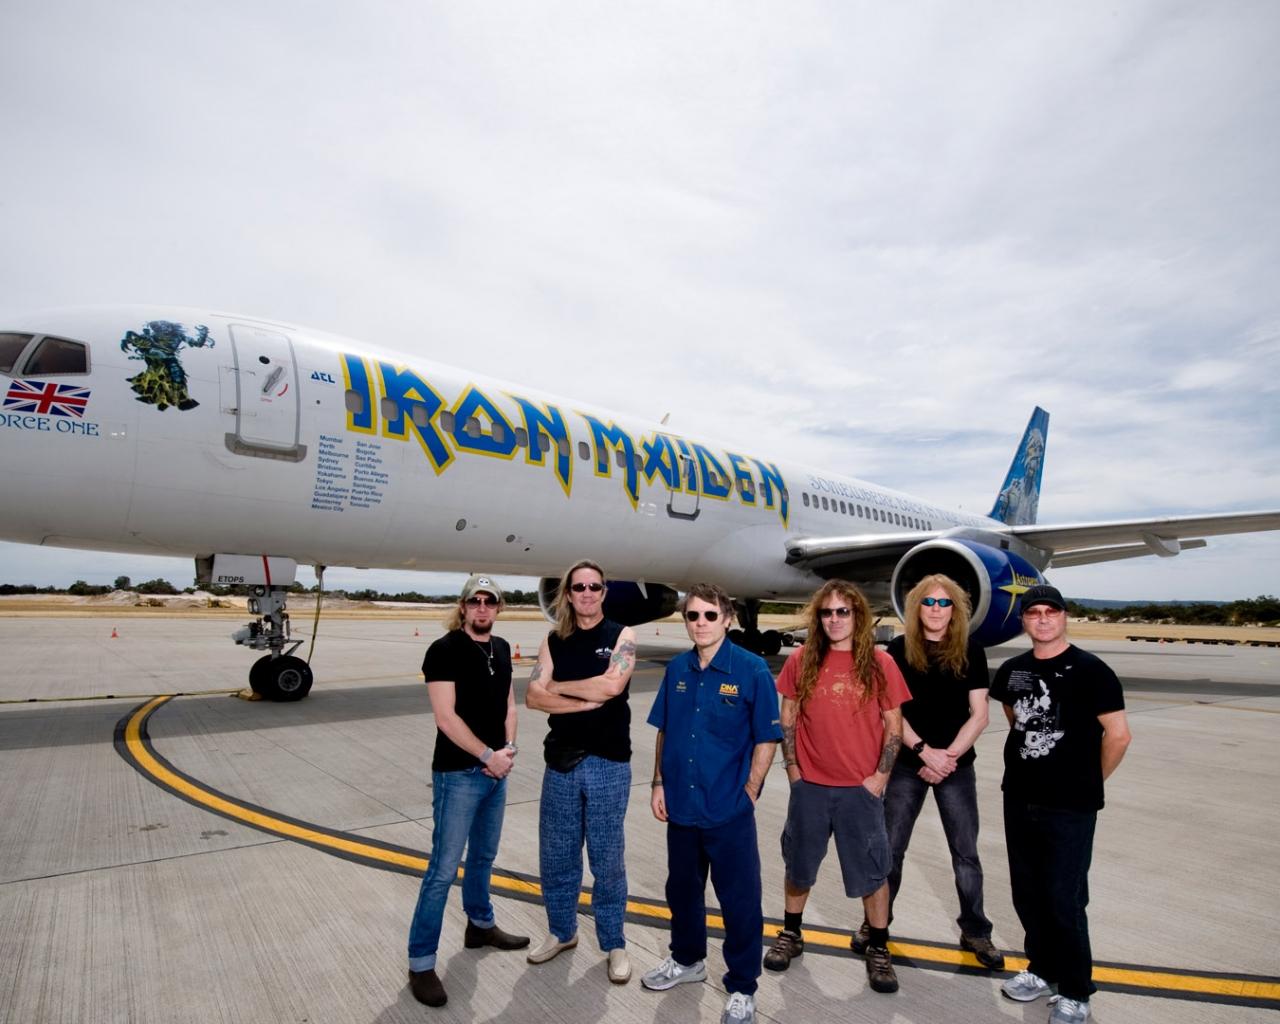 Iron Maiden y su avión privado - 1280x1024